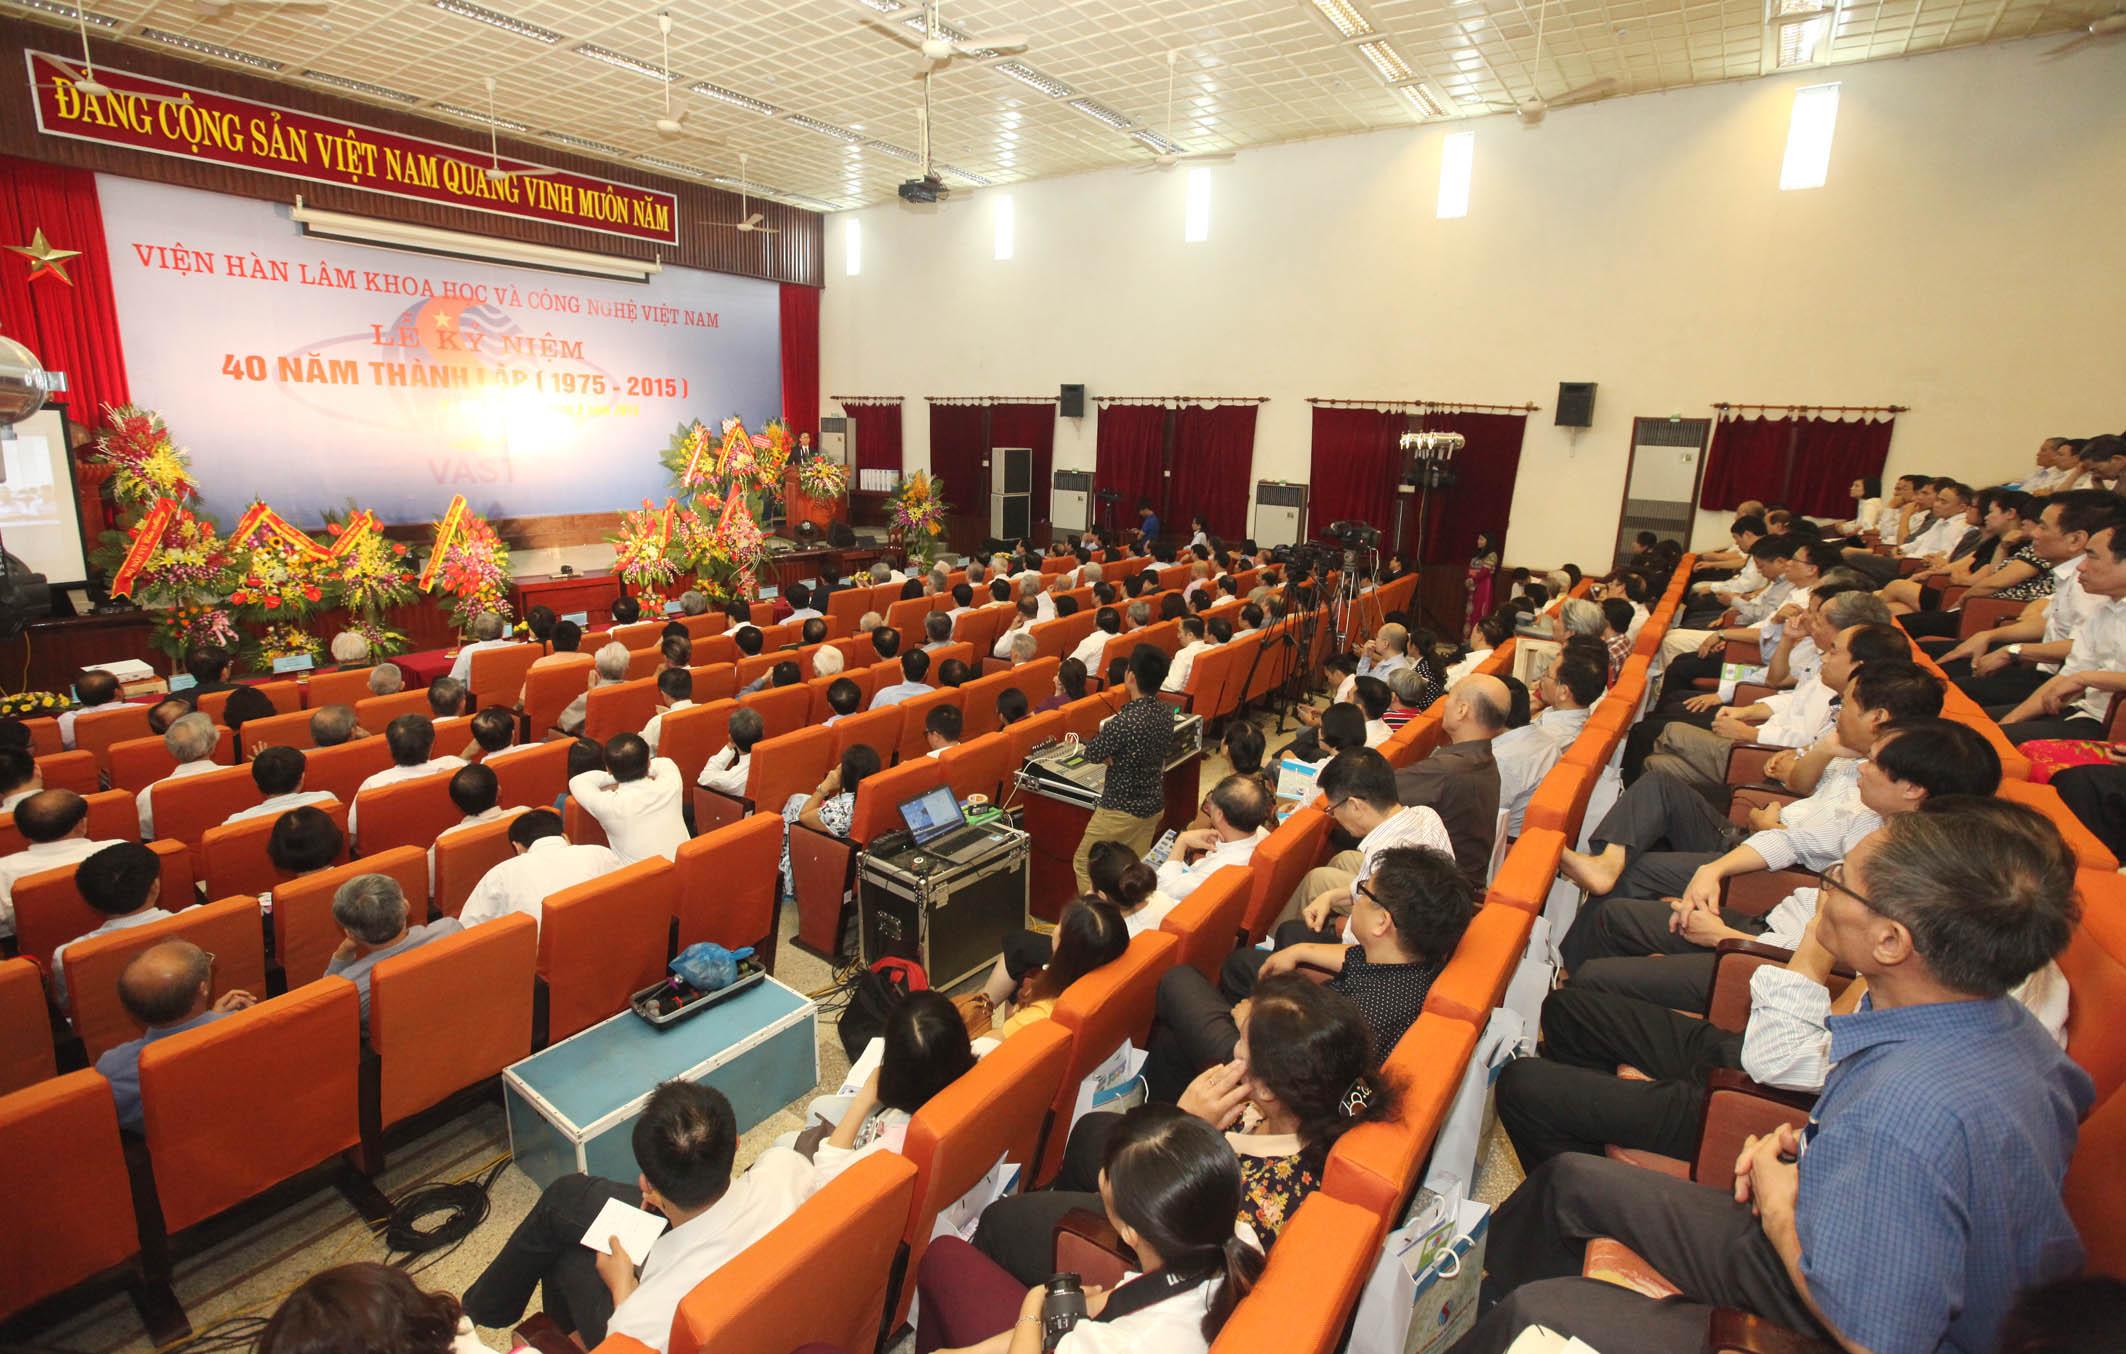 kỷ niệm 40 năm thành lập Viện Hàn lâm KH&CN Việt Nam